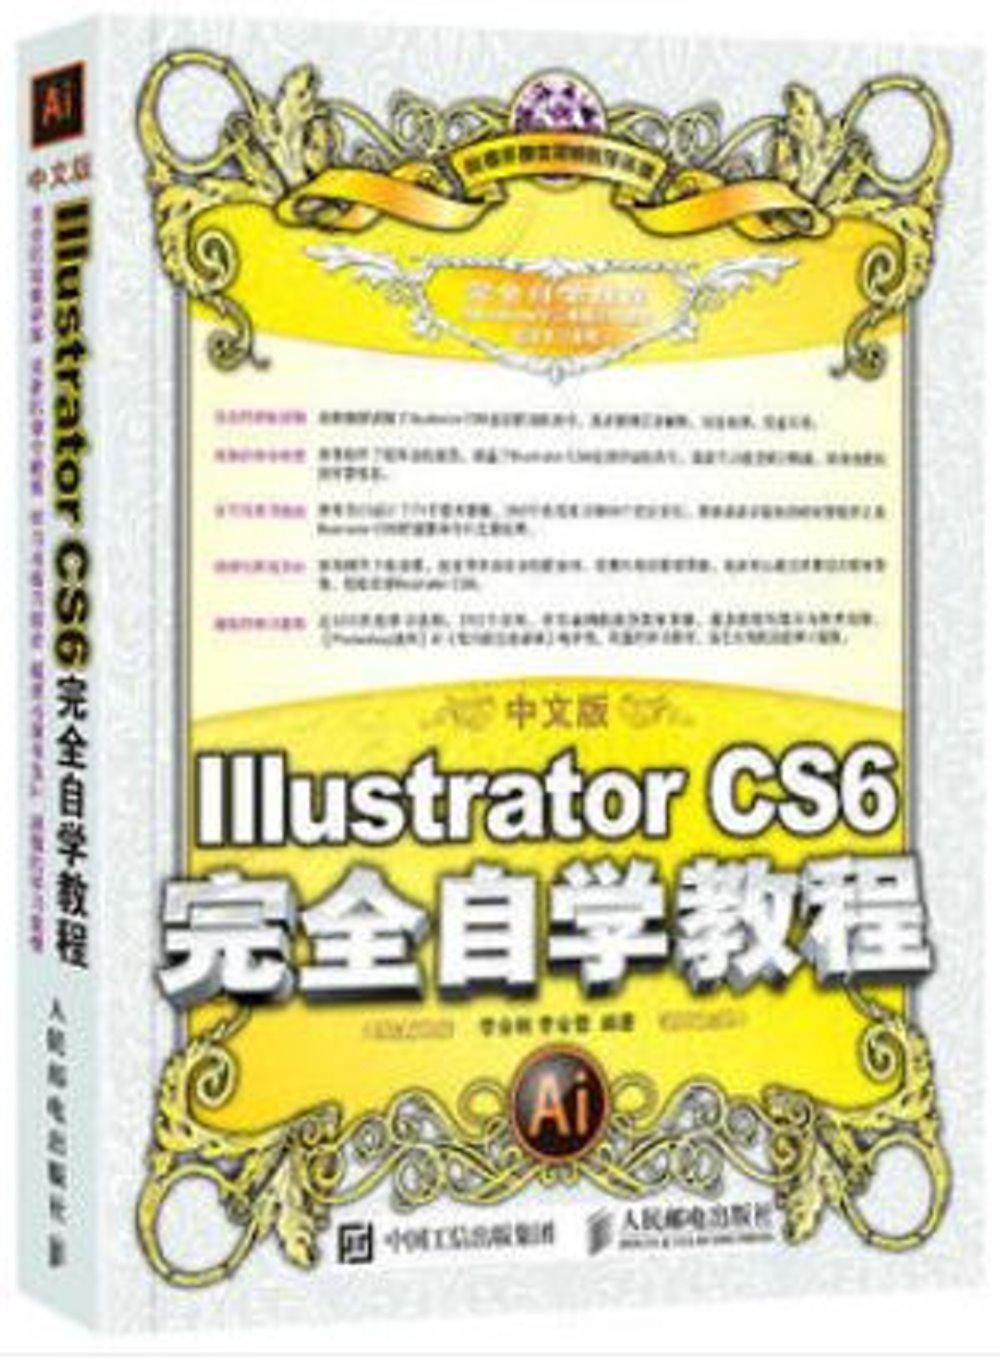 中文版Illustrator CS6完全自學教程